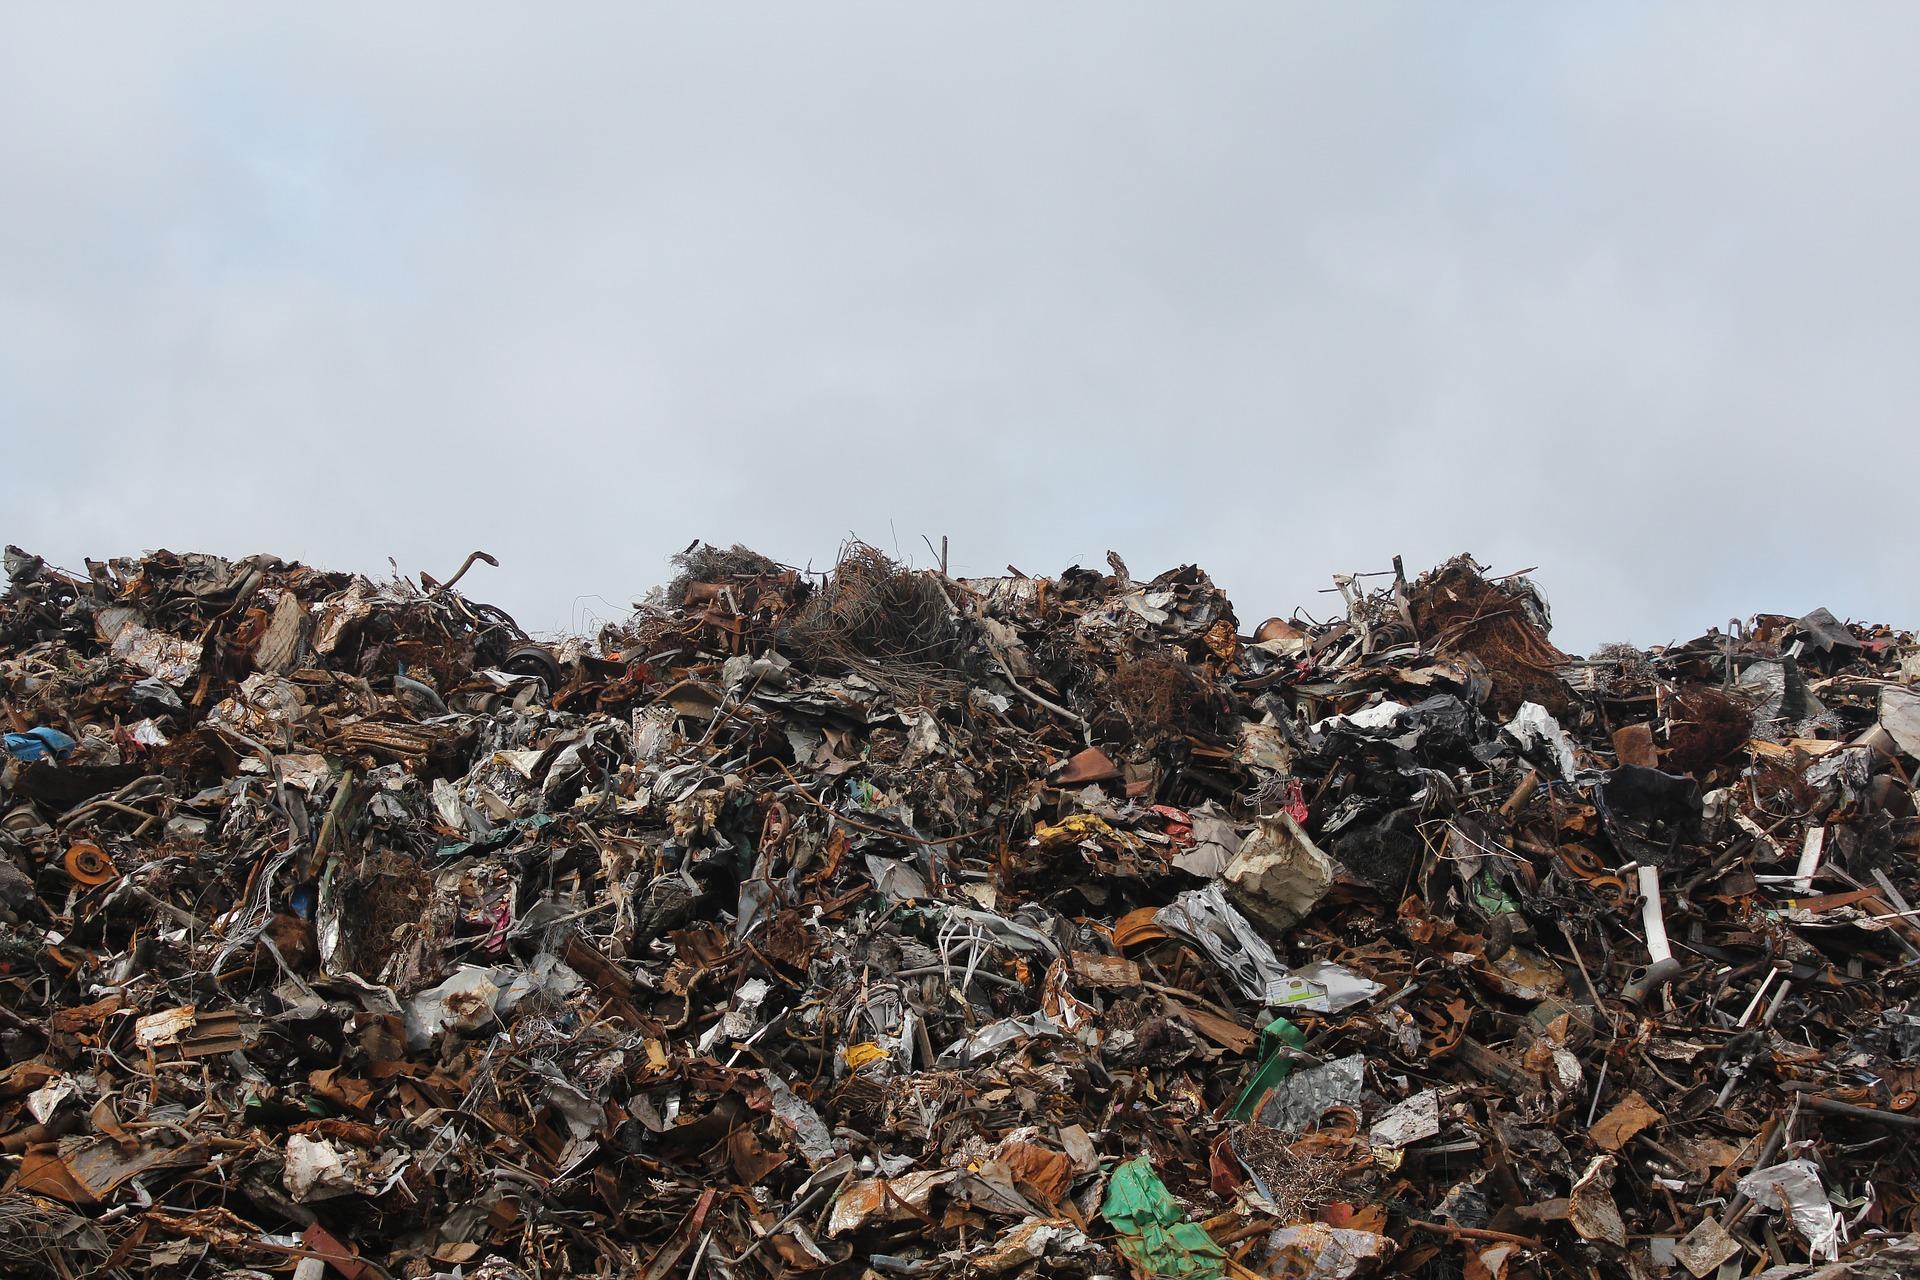 abbandono rifiuti e discarica abusiva